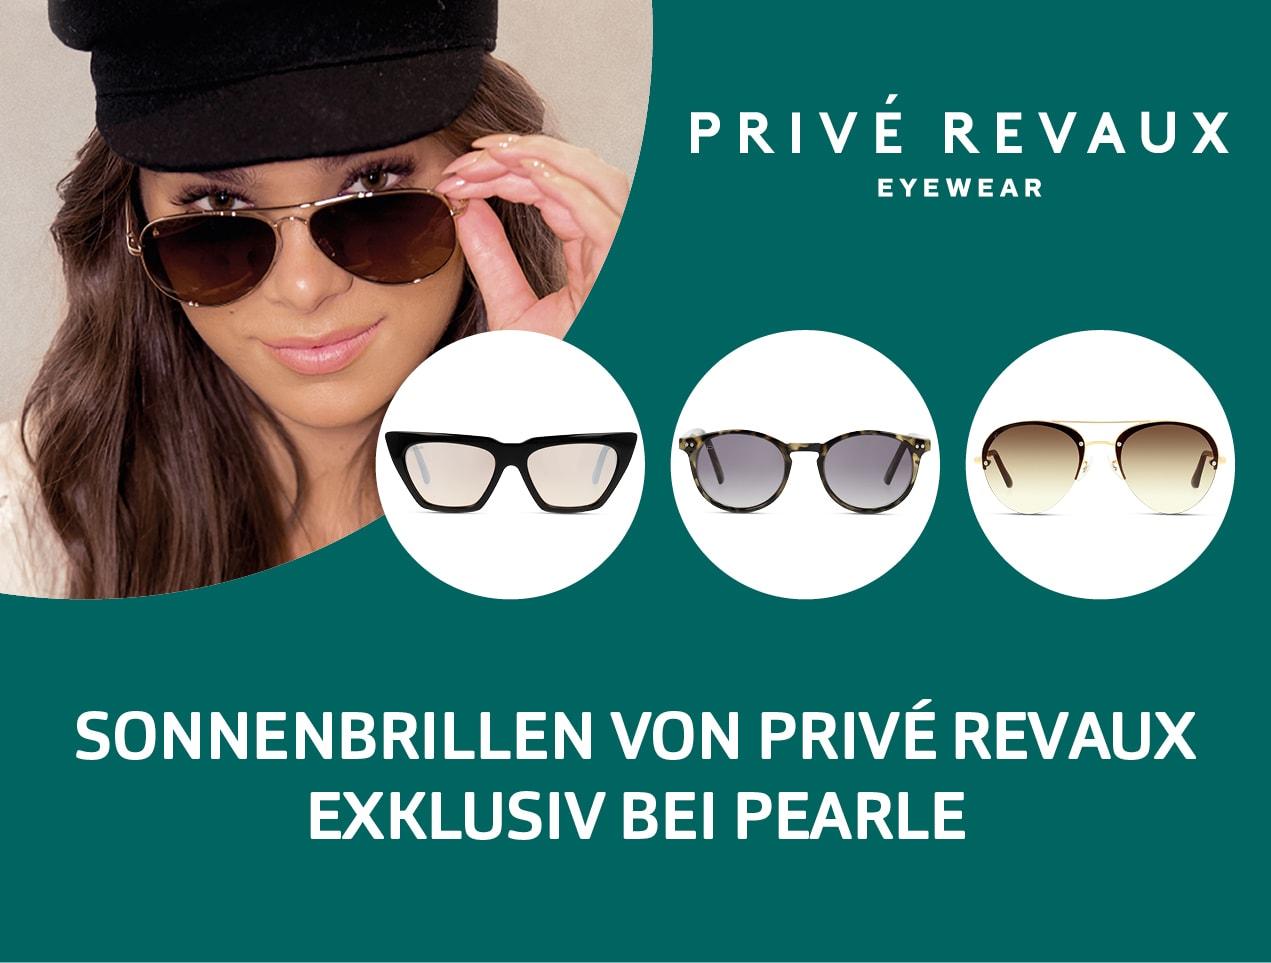 PEARLE Website Kachel Online Privé Revaux Termin 610x462 RZ